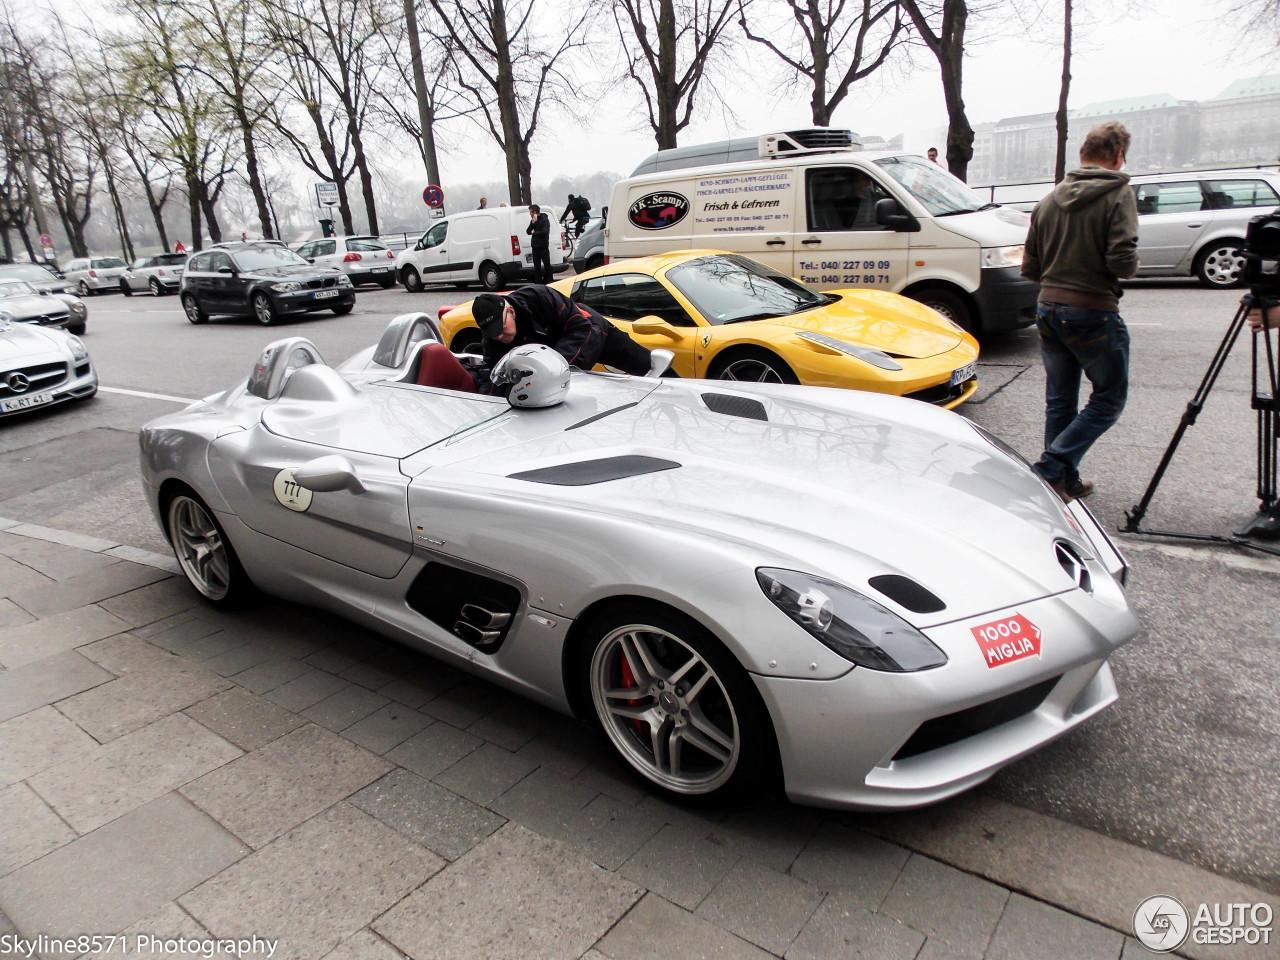 Mercedes Benz Slr Mclaren Stirling Moss 26 April 2013 Autogespot